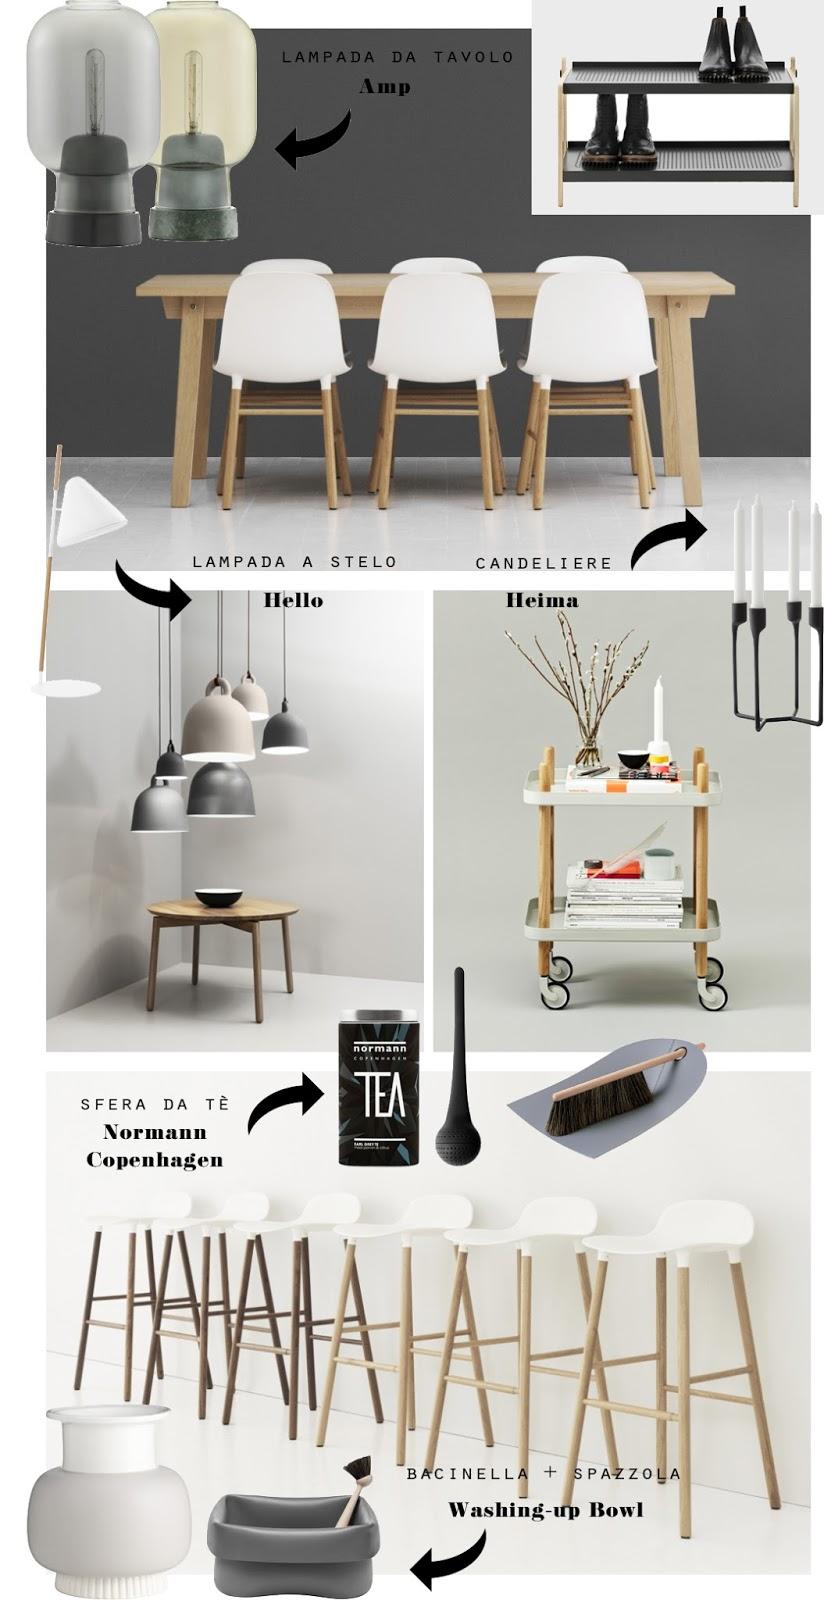 Stile nordico ispirazioni svedesi shabby chic interiors for Case arredate stile shabby